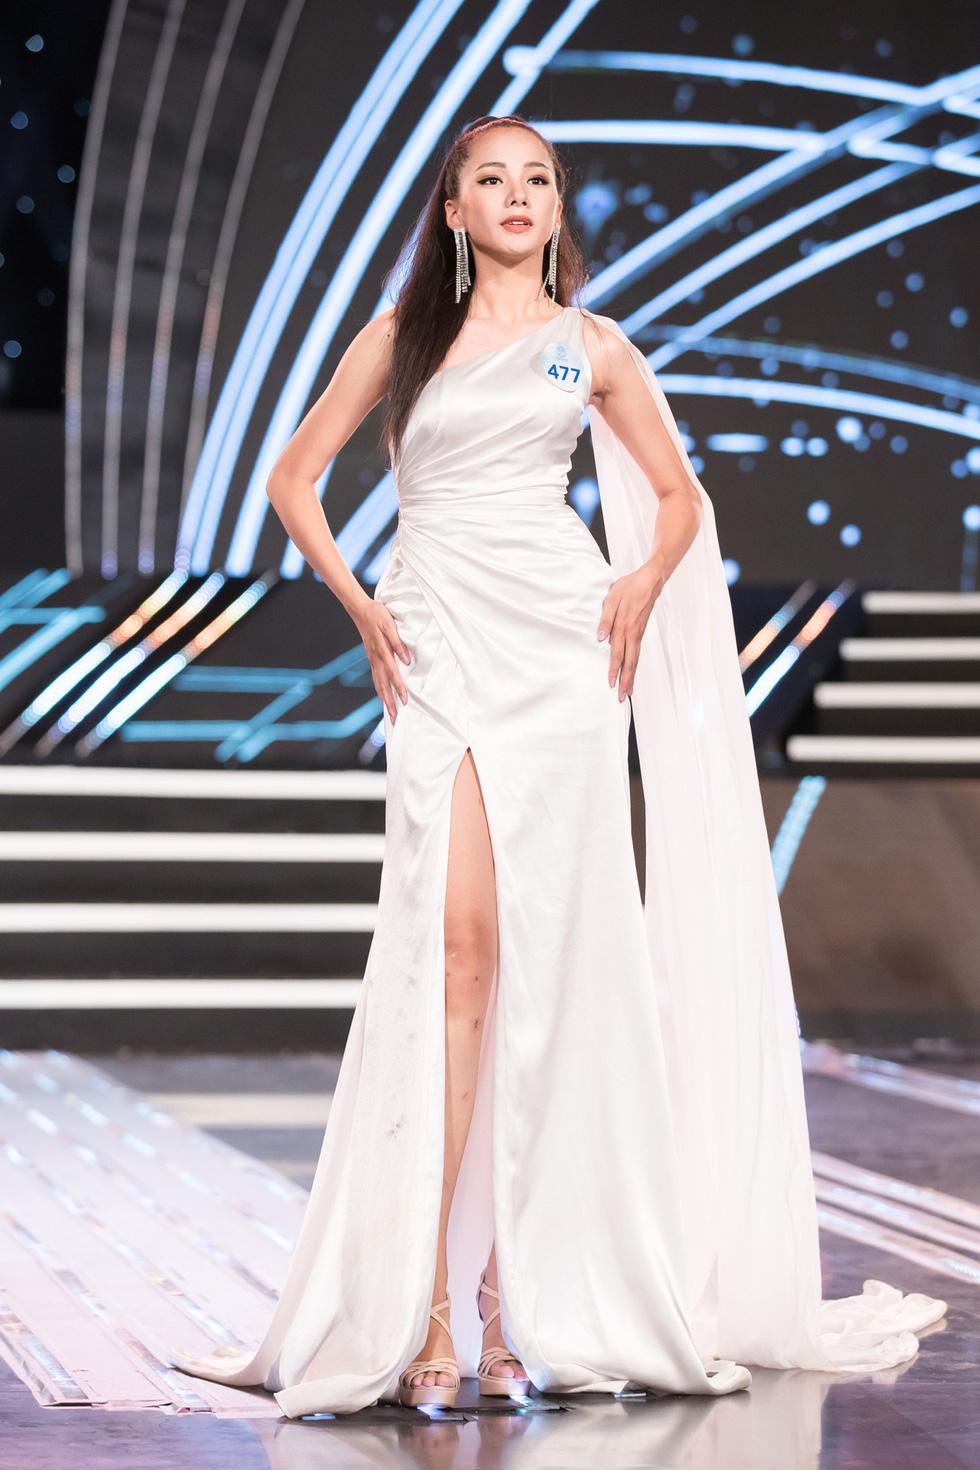 Nhan sắc 20 thí sinh đẹp nhất phía Bắc vào chung kết Miss World Việt Nam 2019 - Ảnh 13.